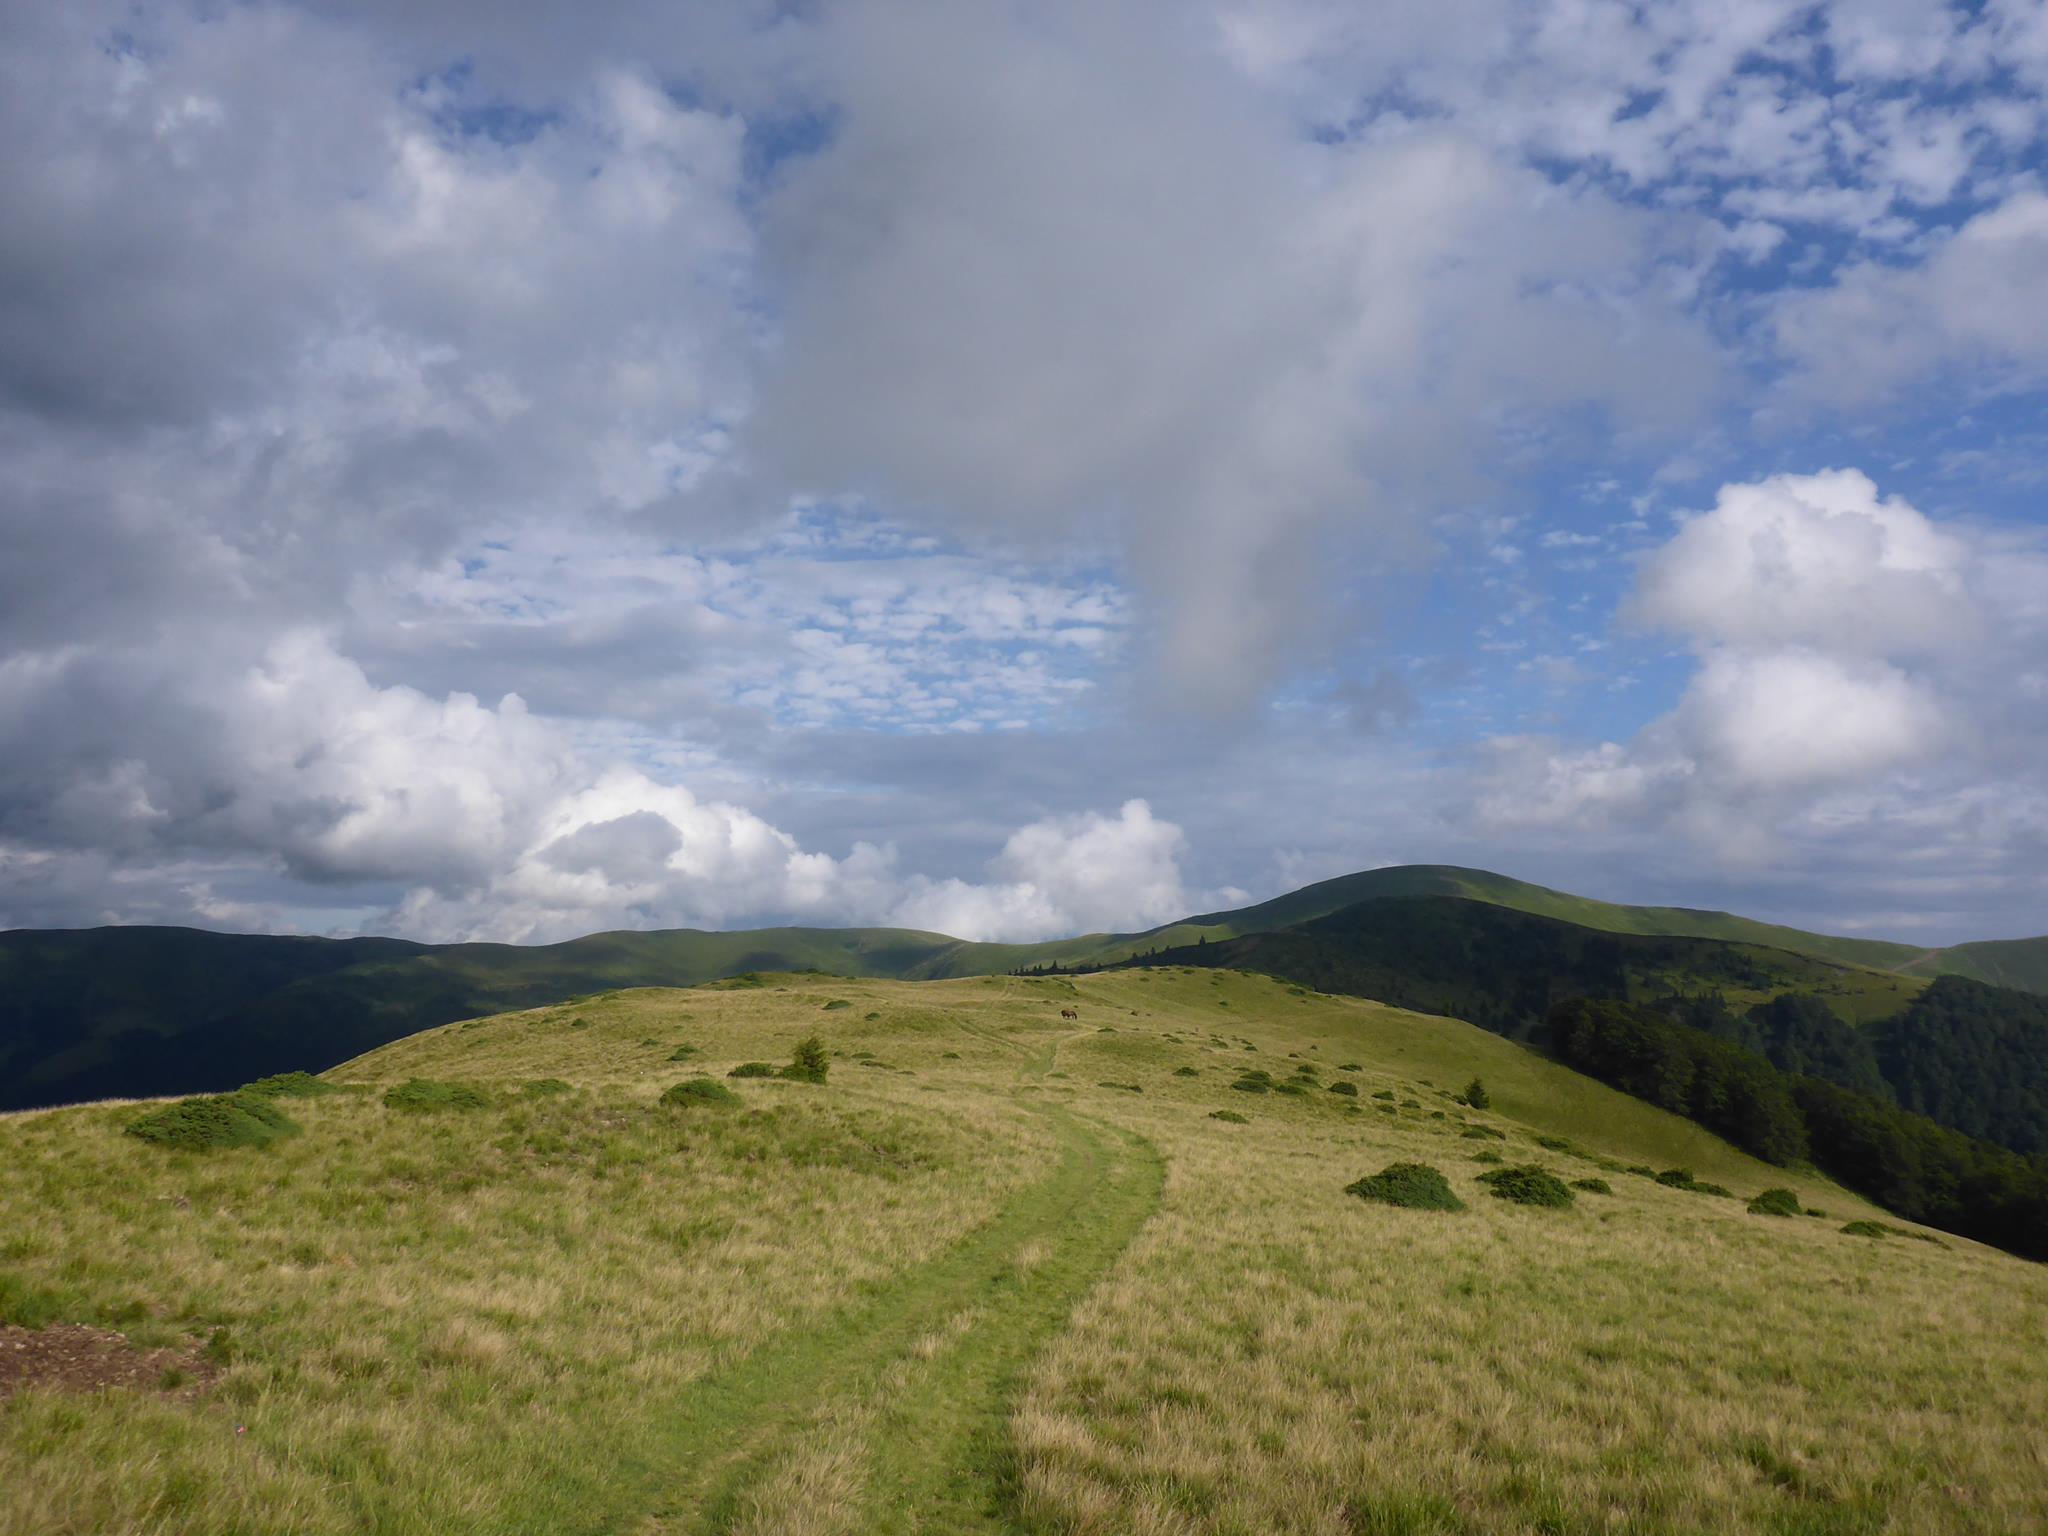 Après trois heures de grimpe à travers une montagne sans sentier j'arrive sur la crête. Les trois jours qui suivront seront les plus beaux et les plus immersifs depuis ma reprise il y a deux mois